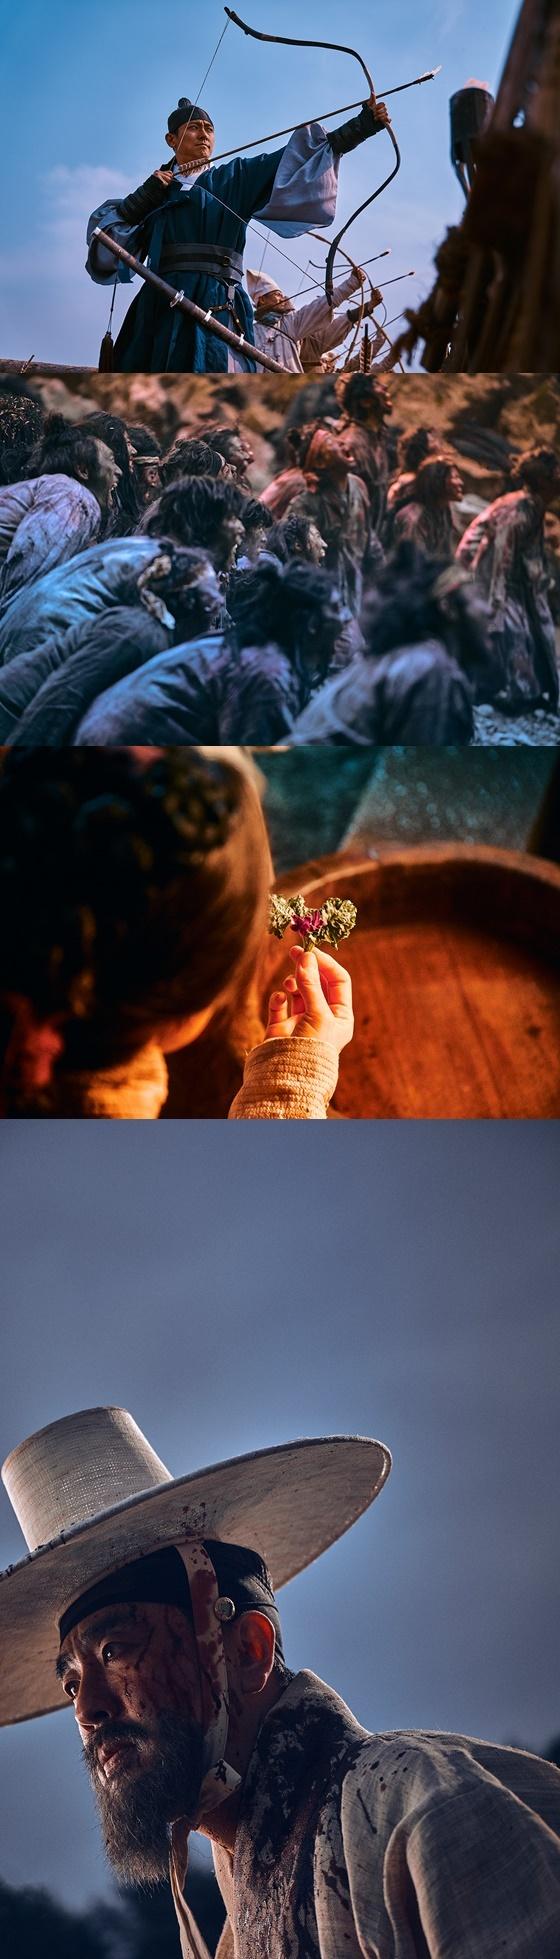 /사진=넷플릭스 오리지널 시리즈 '킹덤' 시즌 2 보도스틸